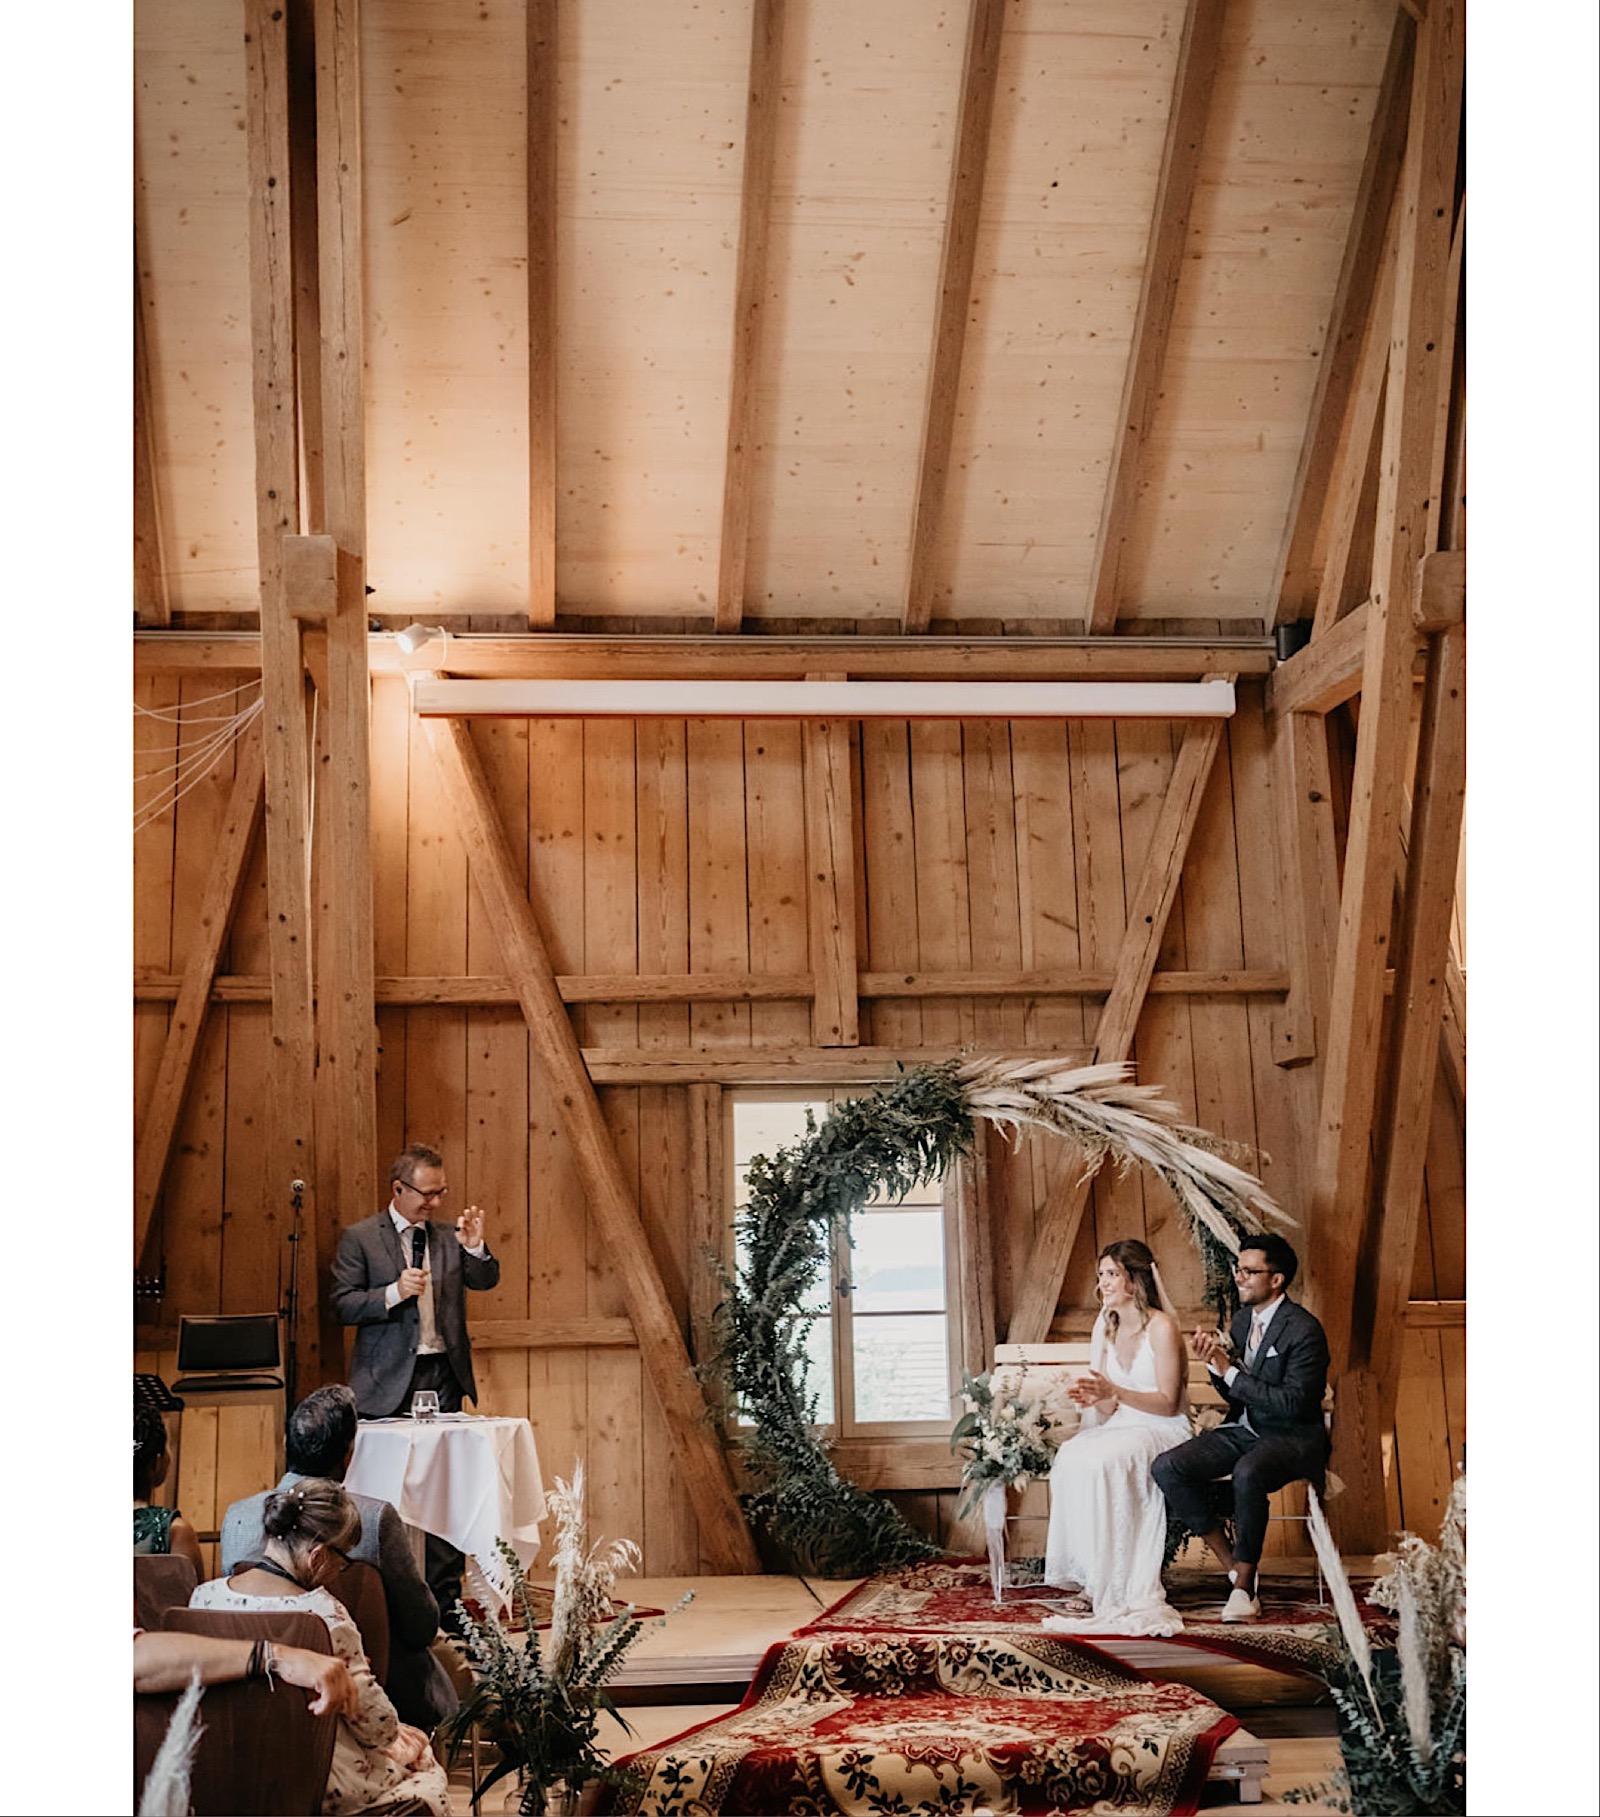 40_bohowedding_ceremony_intimate_wedding (31 von 39).jpg